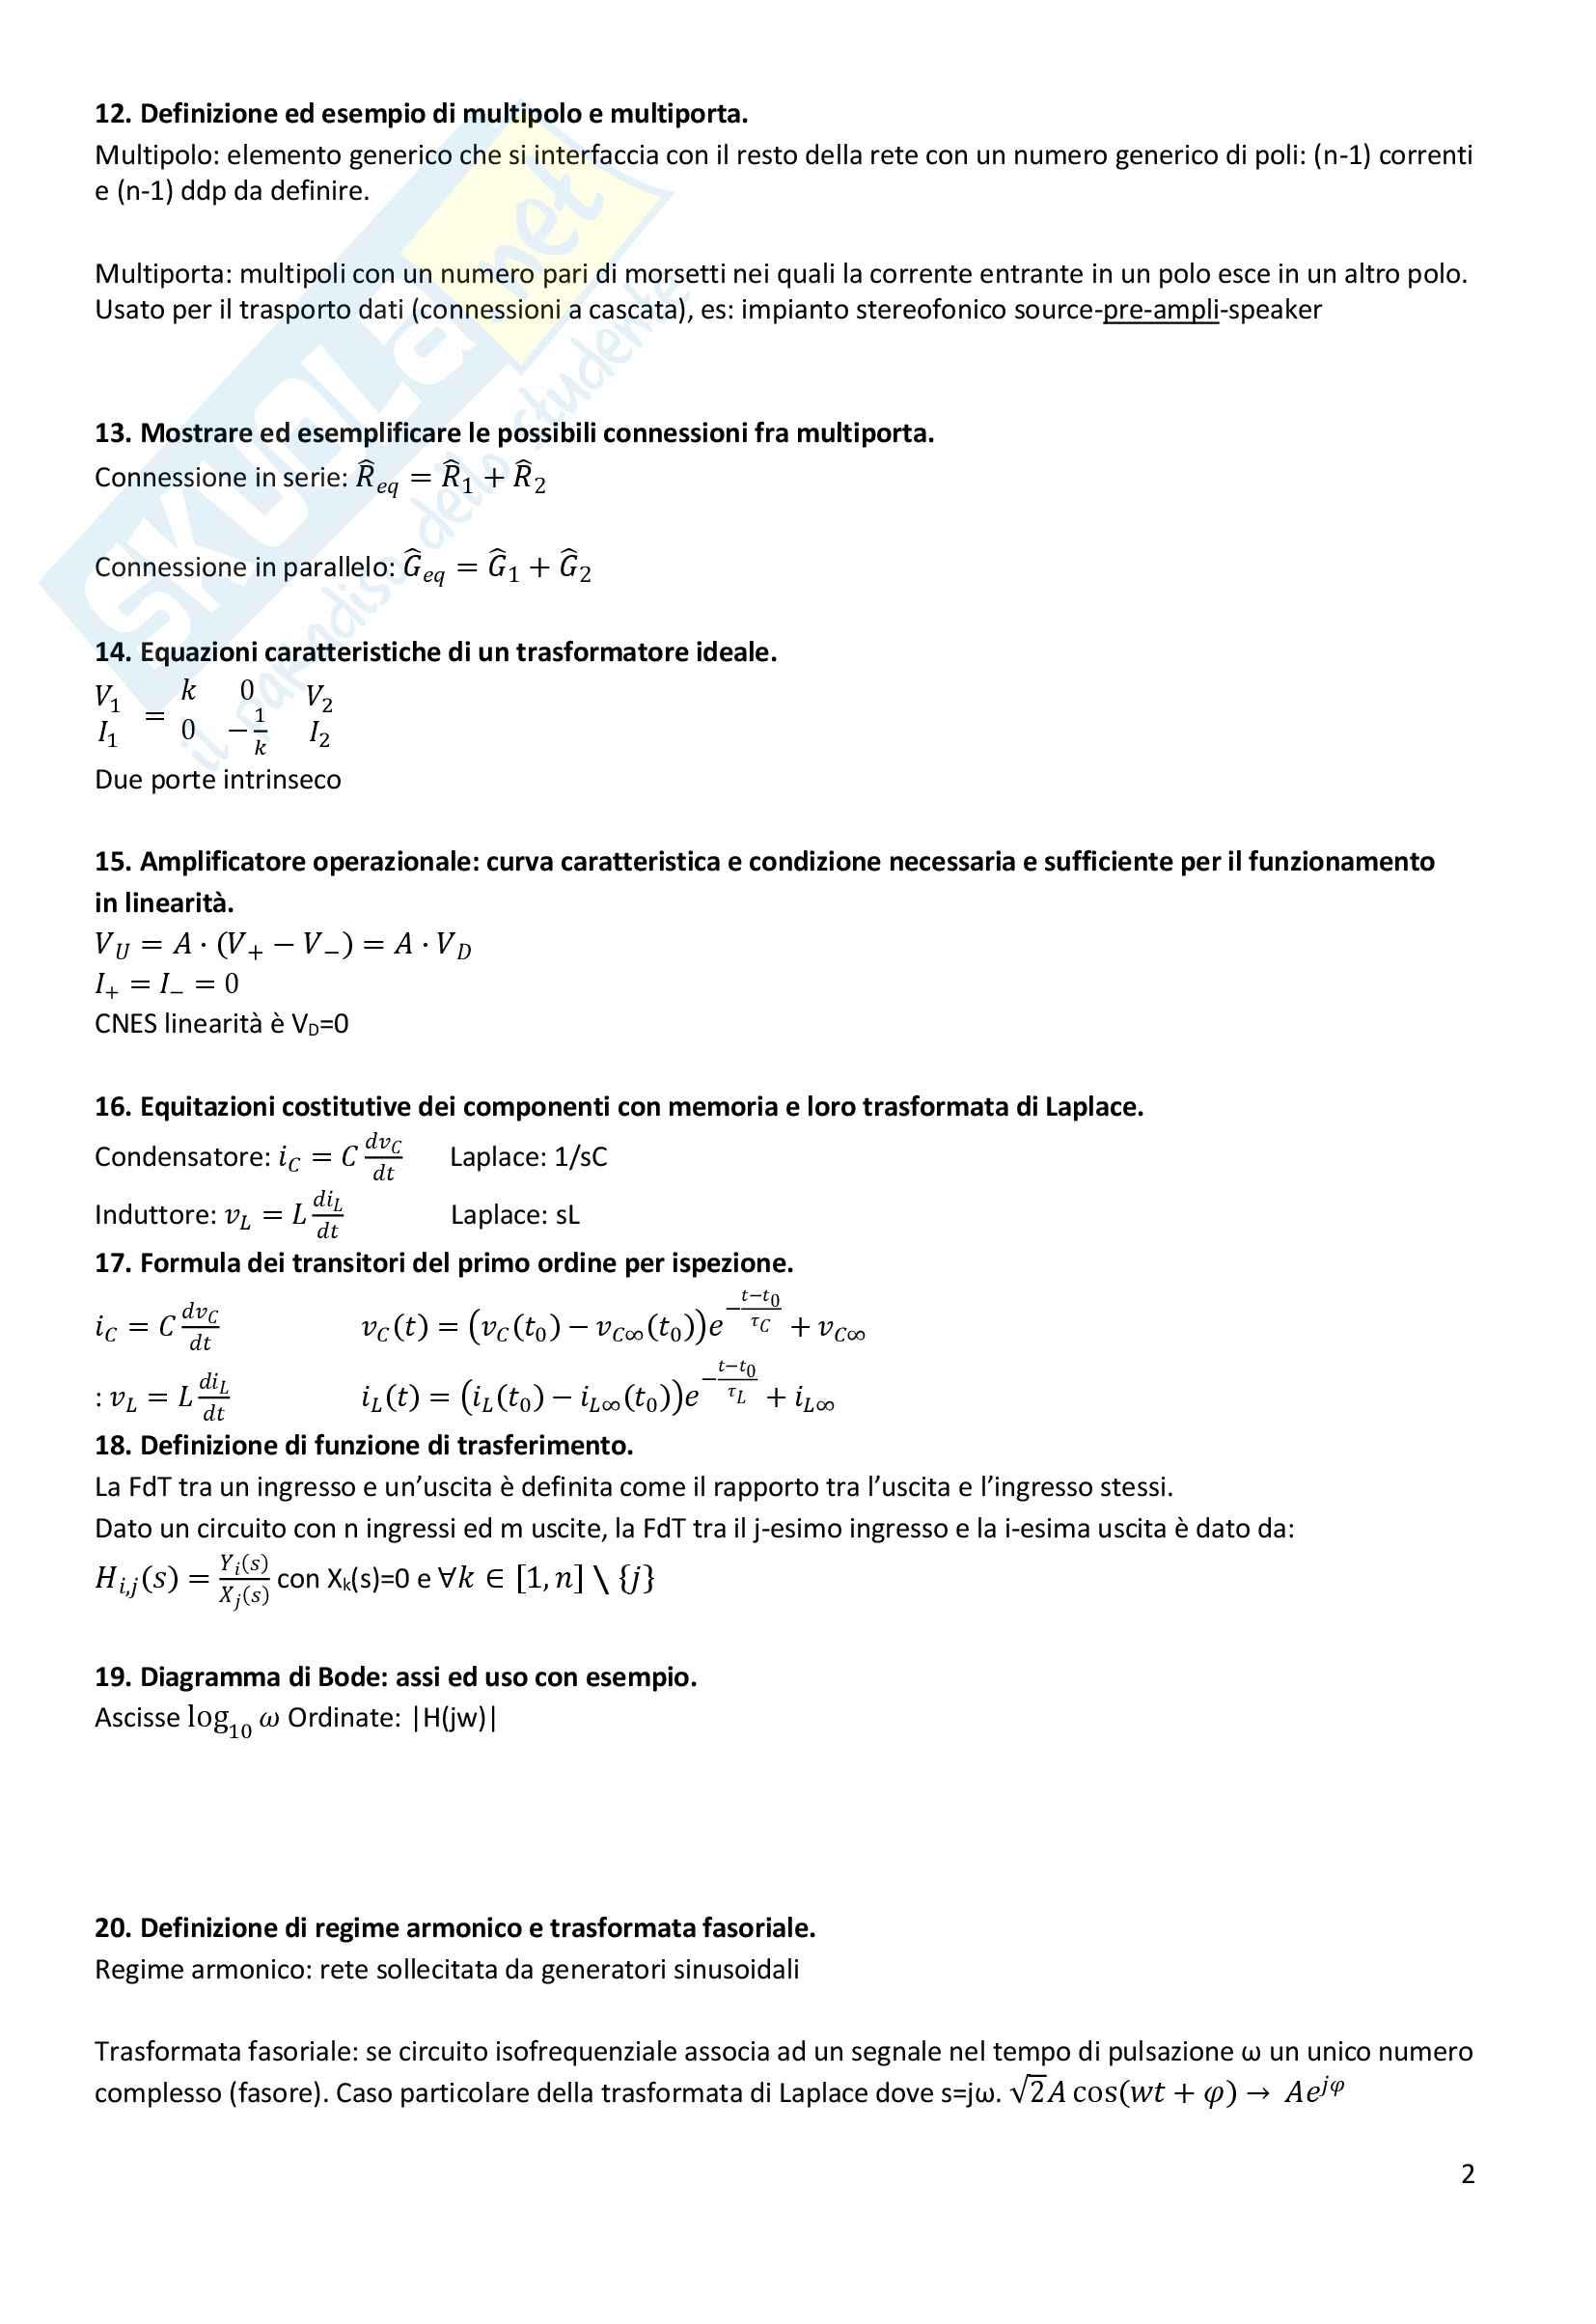 Domande in preparazione all'orale di elettrotecnica Pag. 2